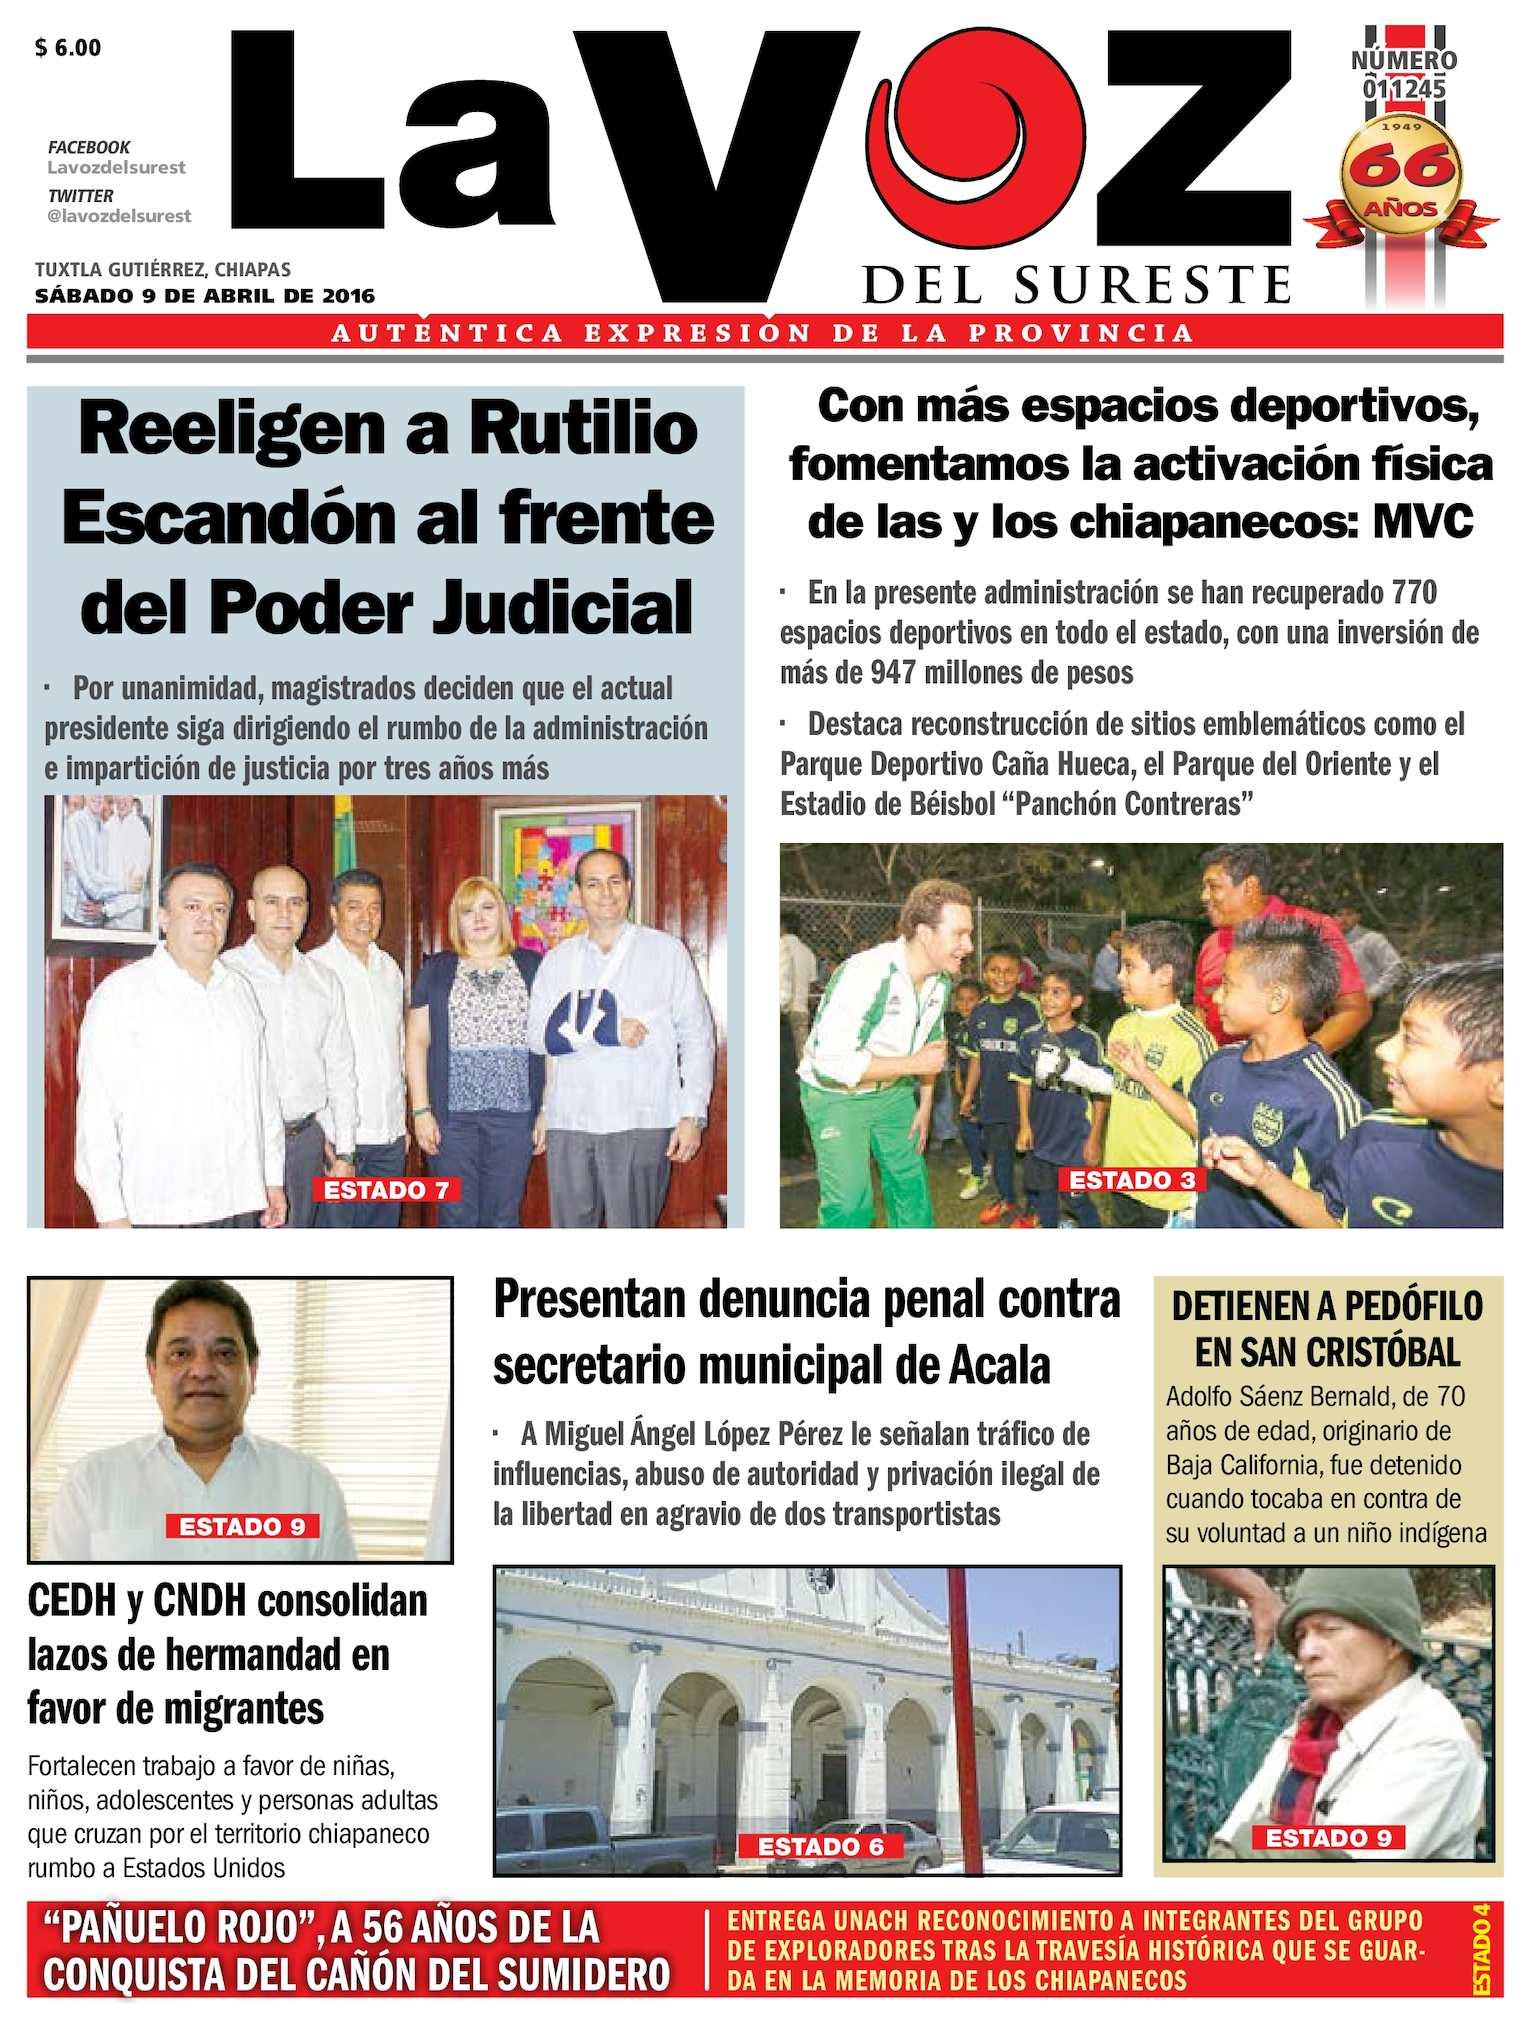 Calaméo Sureste Del Voz La Diario vN8nO0wm